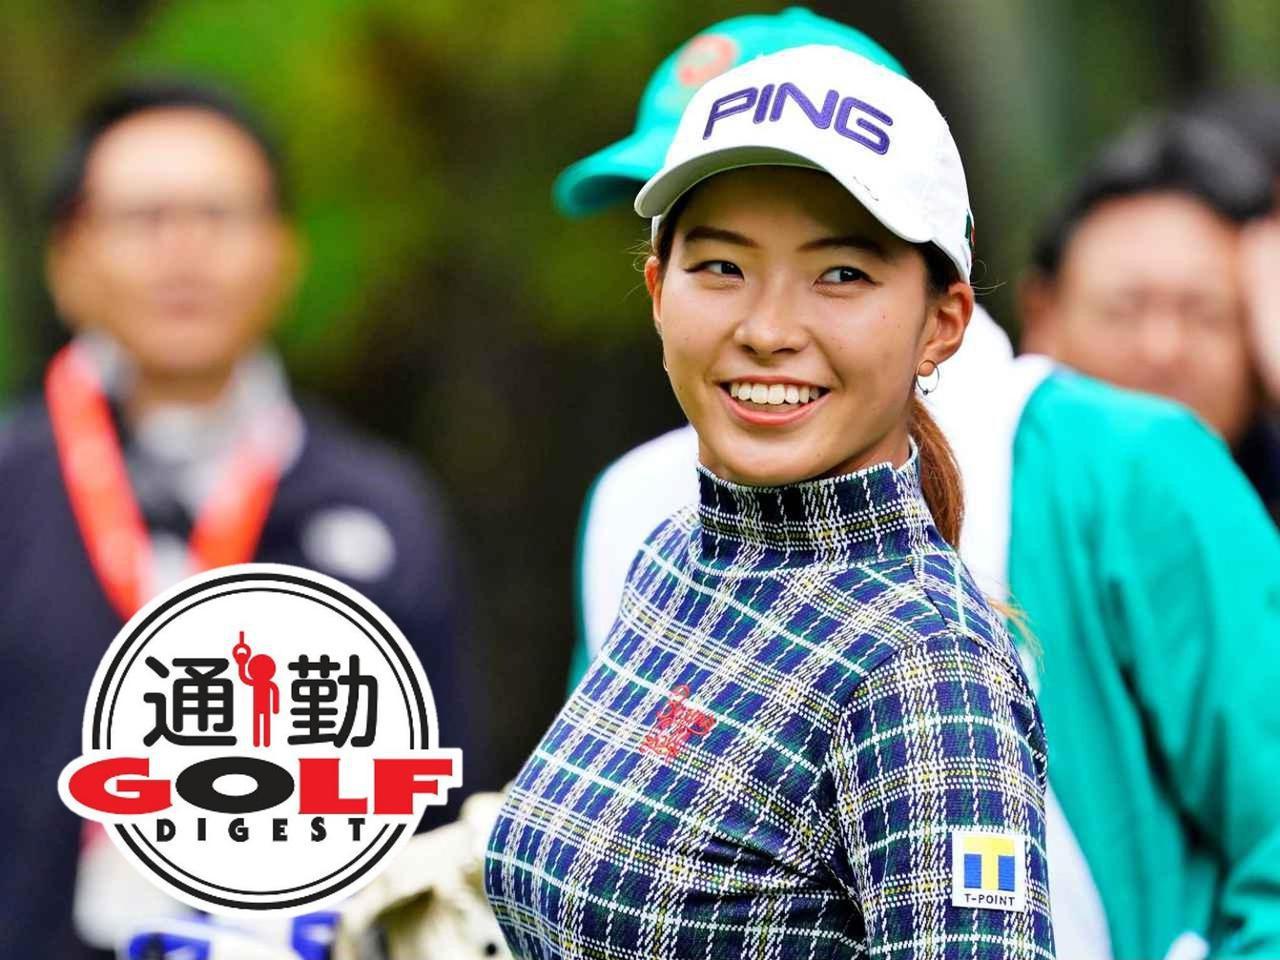 画像: 【通勤GD】メジャーチャンプコーチ青木翔の「笑顔のレシピ」Vol.4 コーチだって失敗するよと伝えてあげる ゴルフダイジェストWEB - ゴルフへ行こうWEB by ゴルフダイジェスト